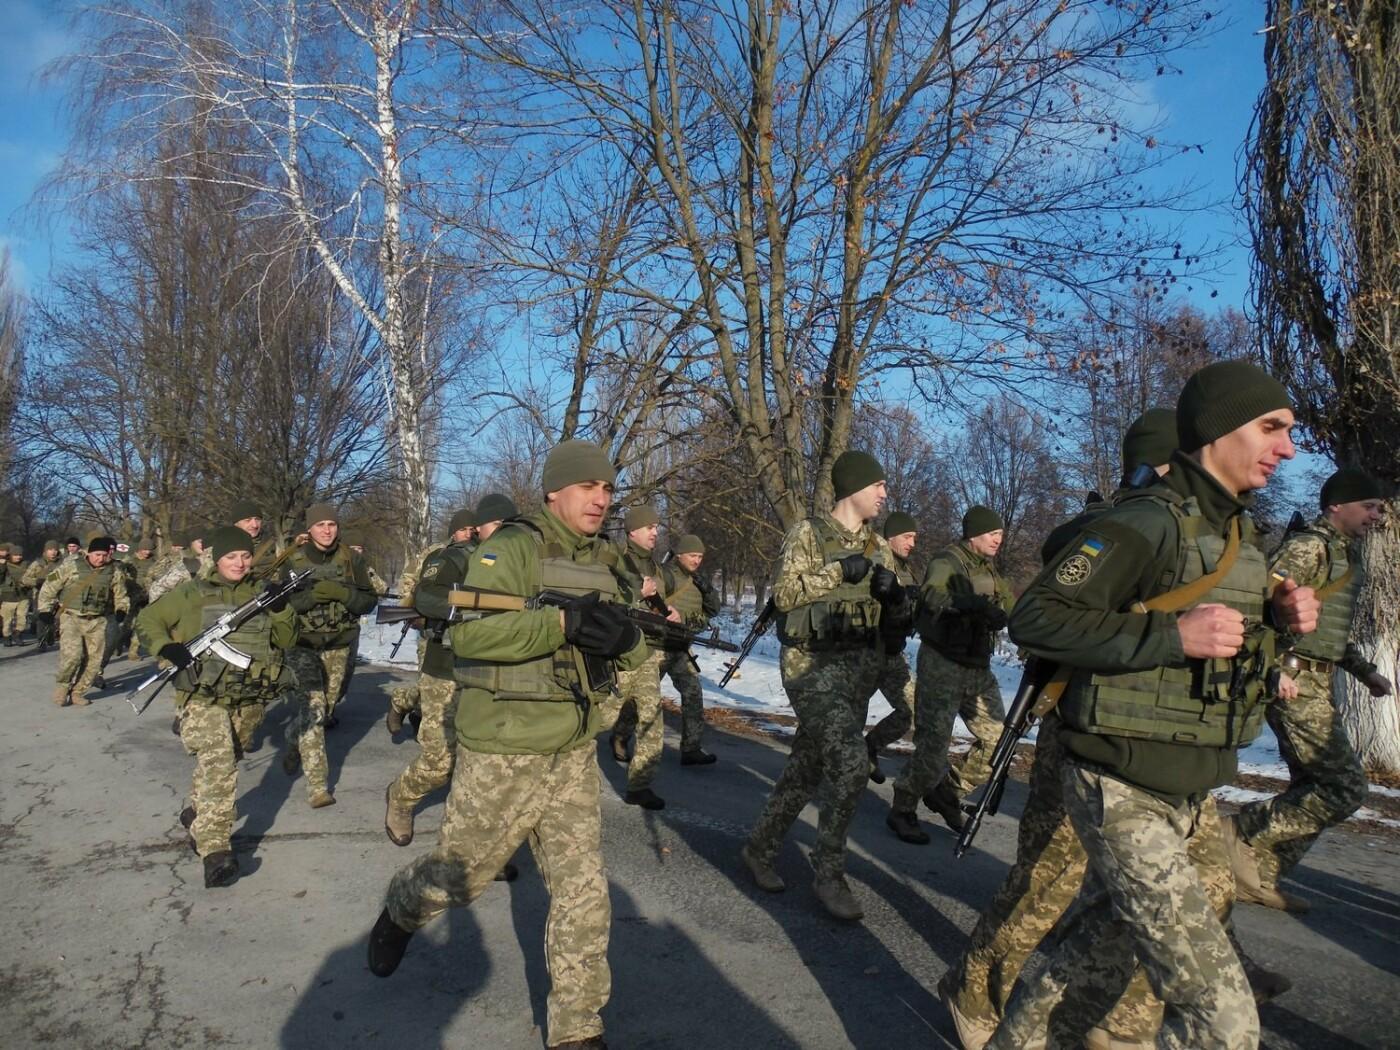 5-кілометровий марш-кидок зі штатною зброєю з нагоди 27-річниці Збройних Сил України, фото-3